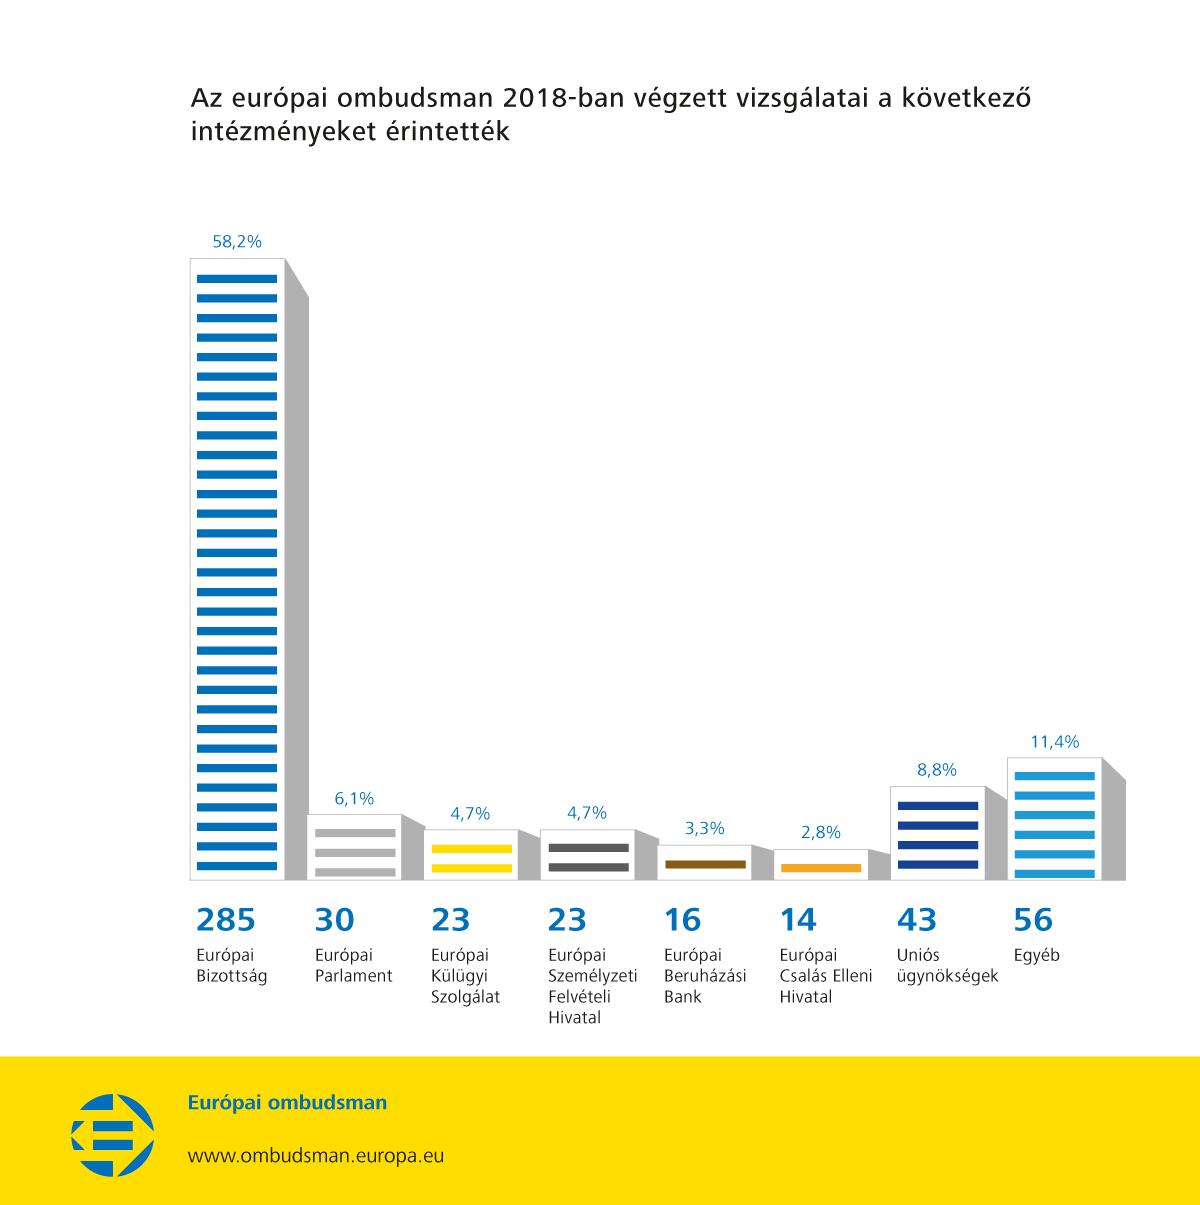 Az európai ombudsman 2018-ban végzett vizsgálatai a következő intézményeket érintették